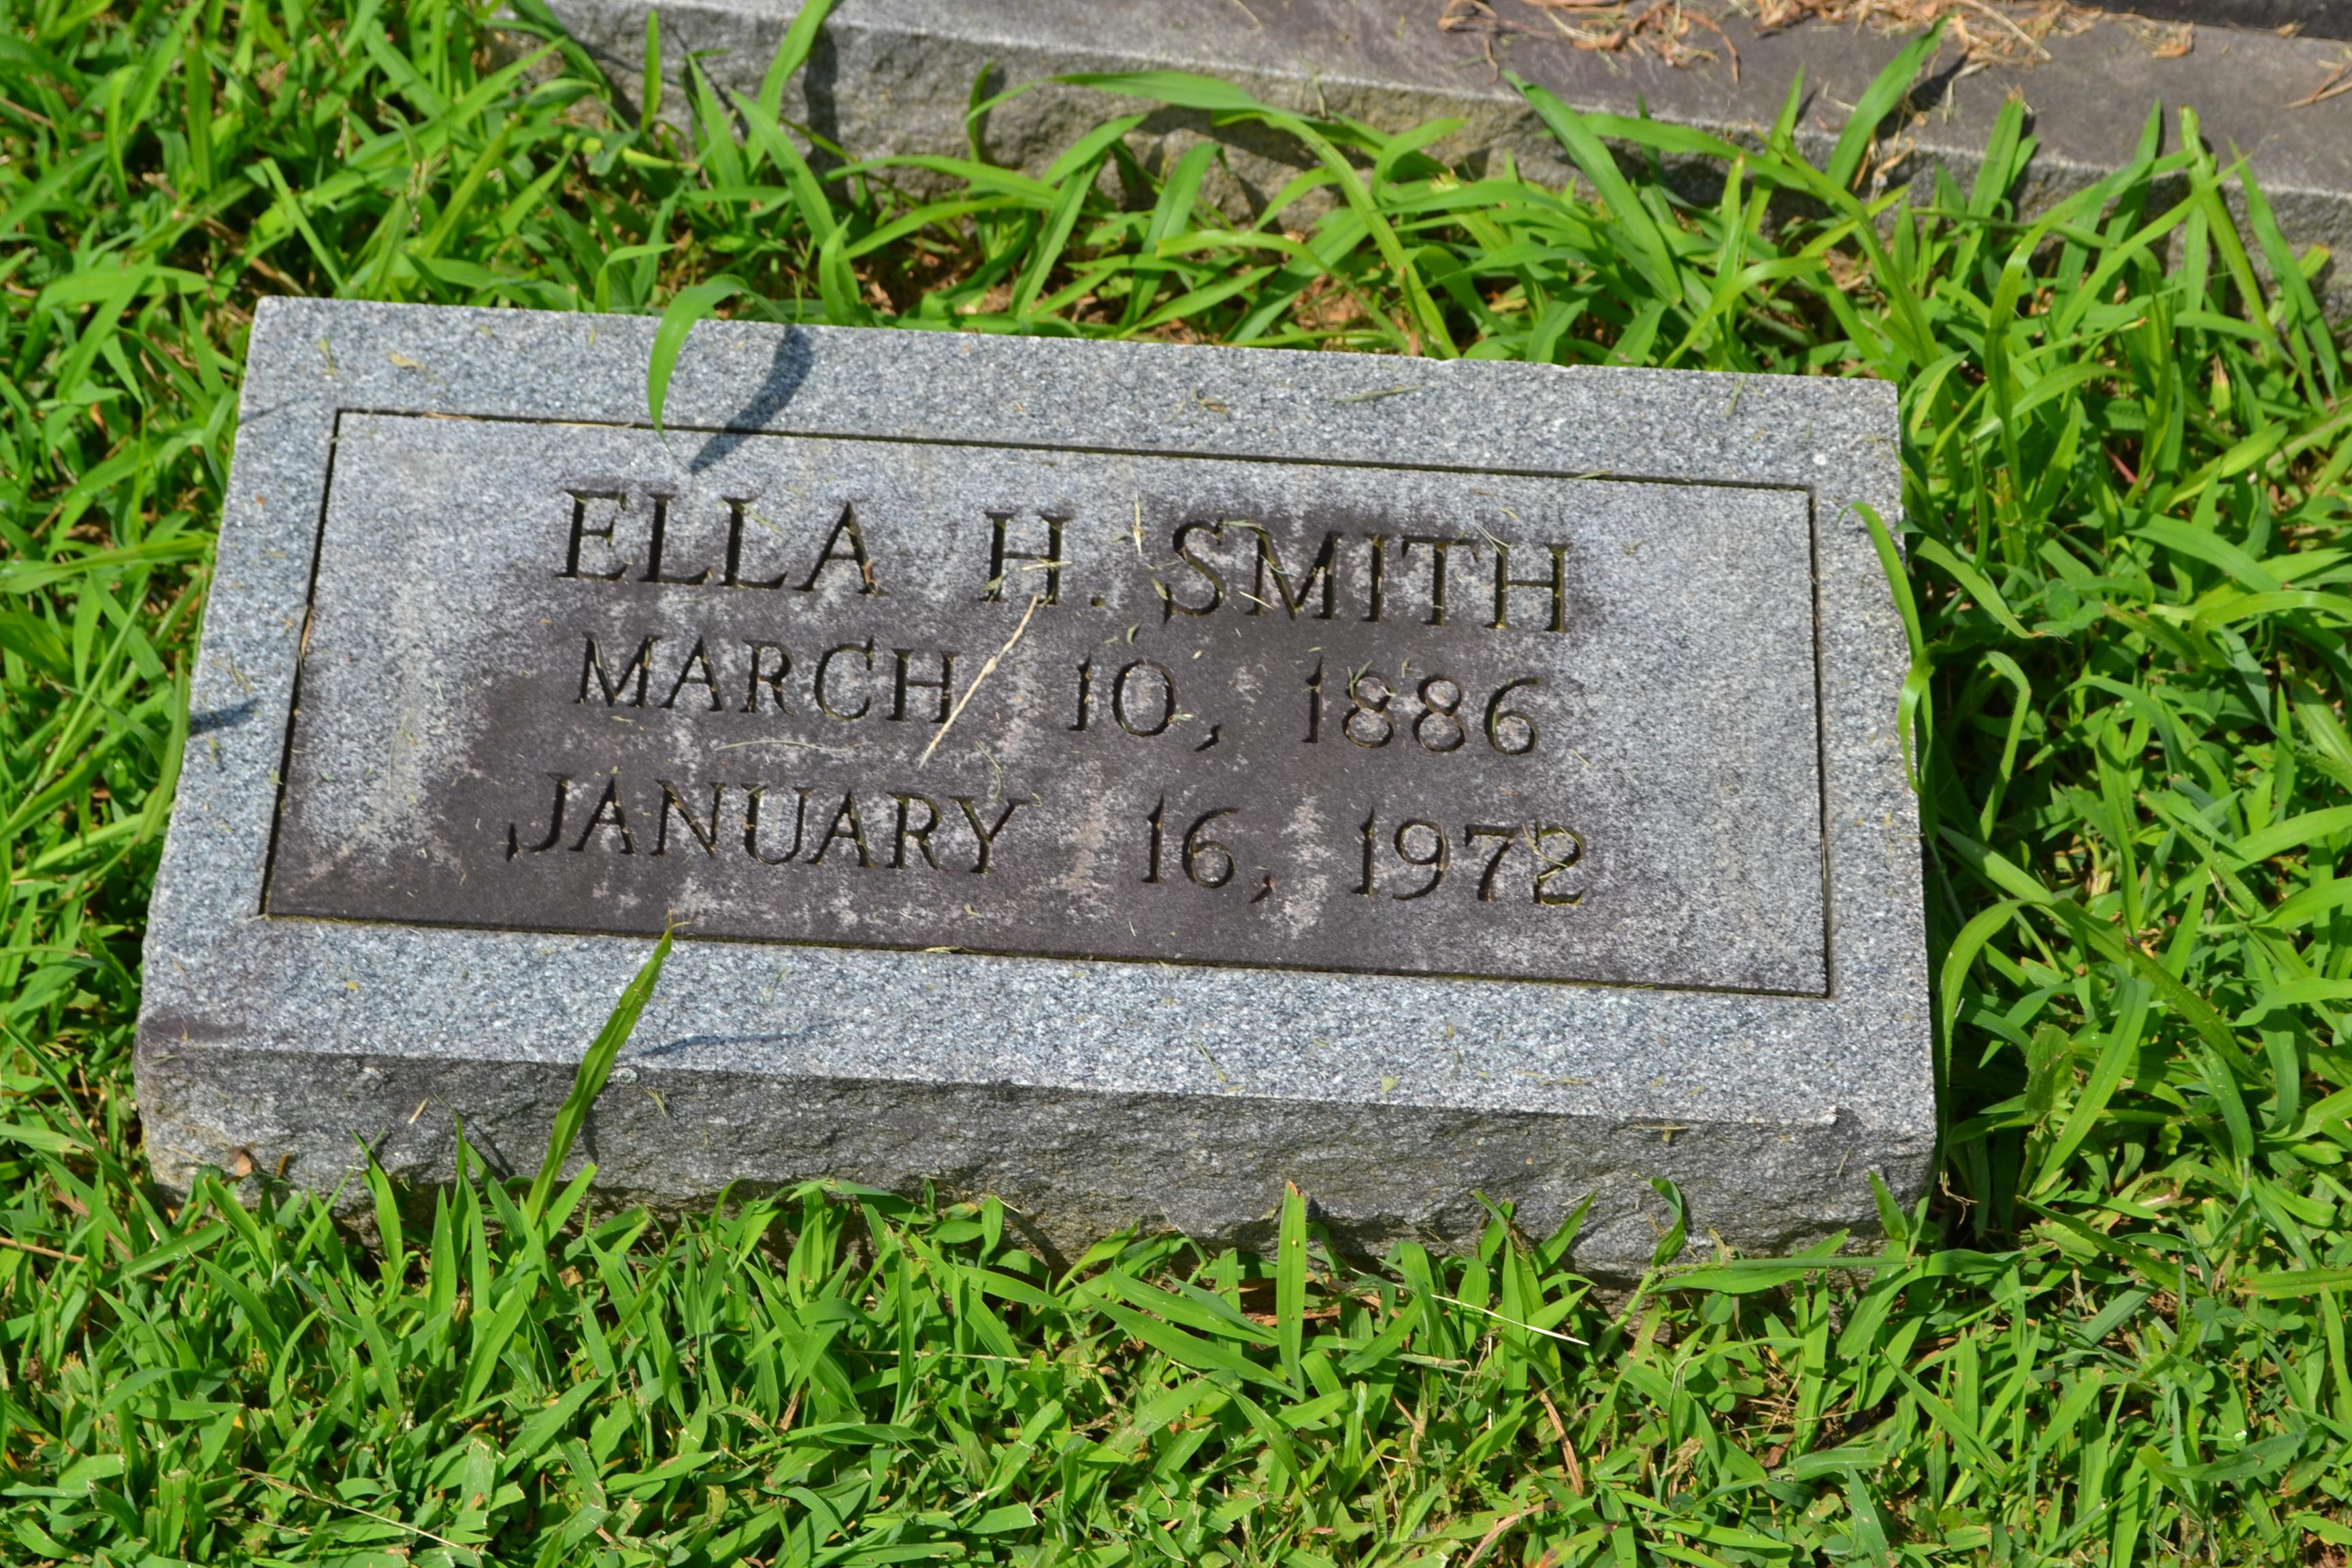 Ella H Smith